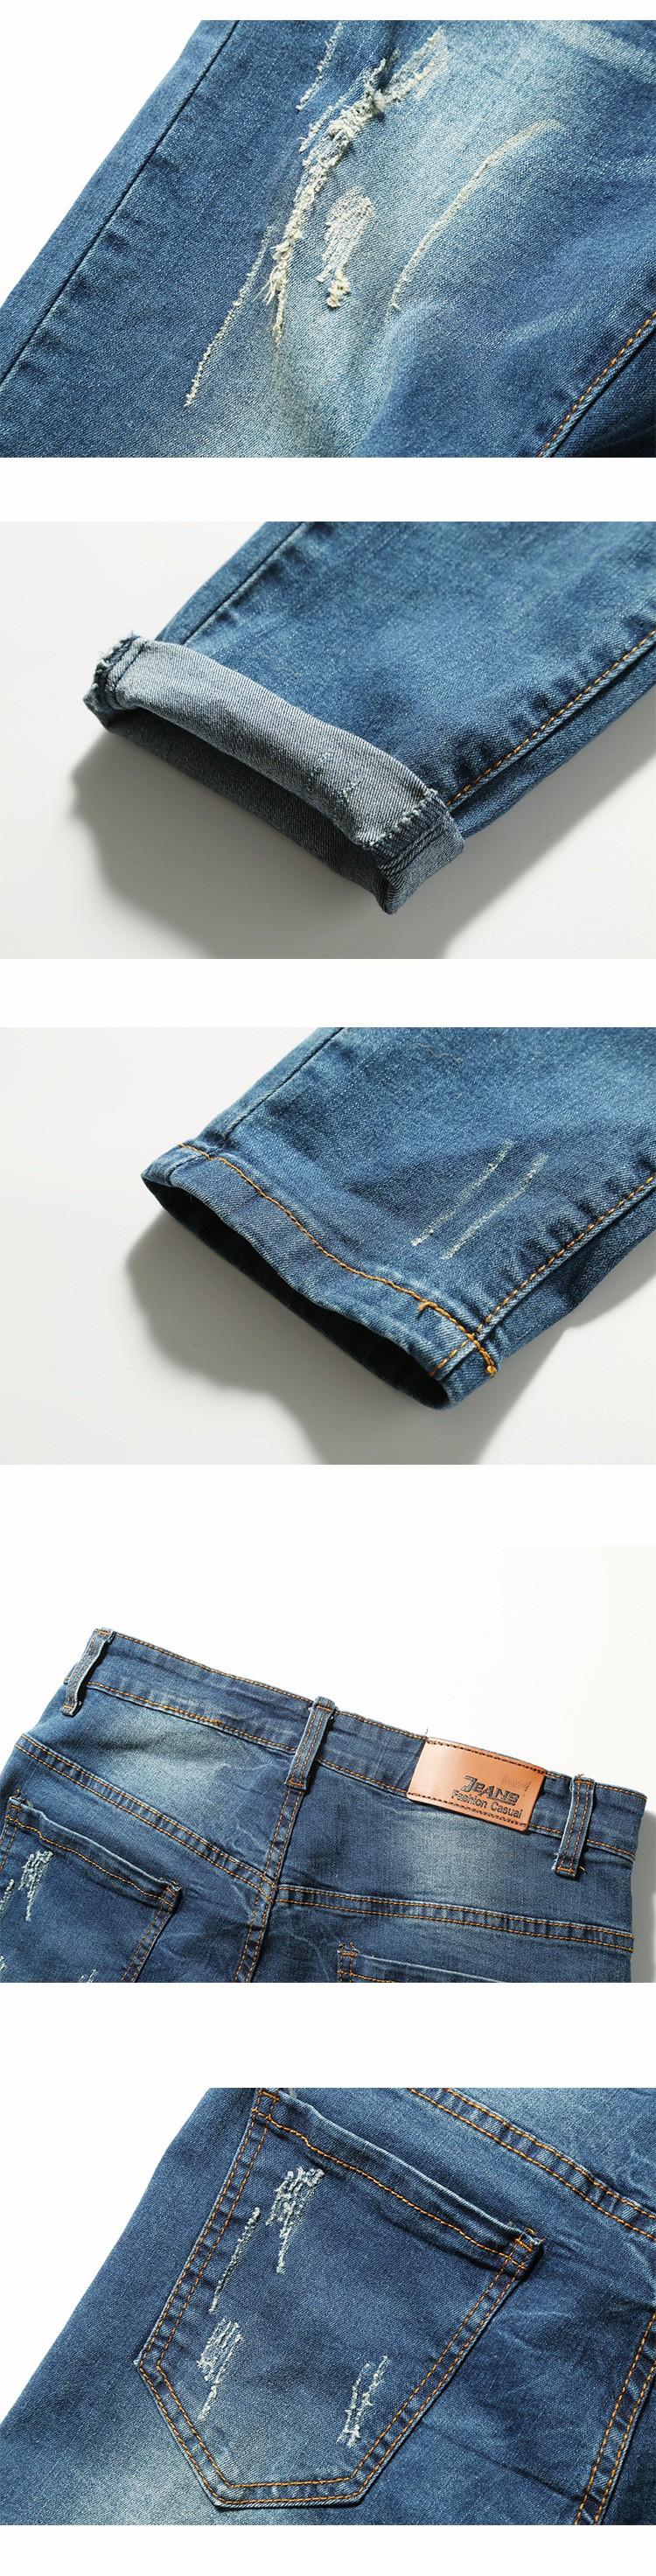 Скидки на 2016 Новое Прибытие Мода Синий Мужские Джинсы Прямые Плюс Размер новый Дизайн Тонкий Почесал Джинсы Для Мужчин Джинсовые Брюки Высокой качество